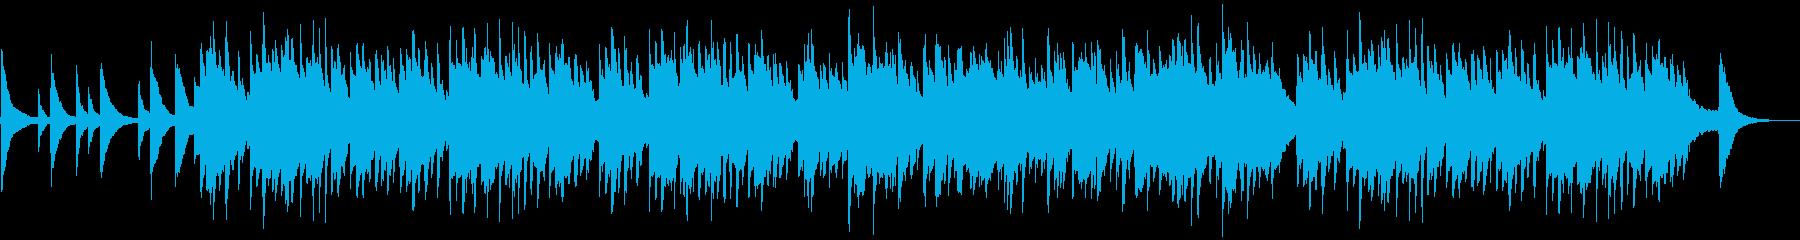 シリアス/悲しげなピアノバラードの再生済みの波形